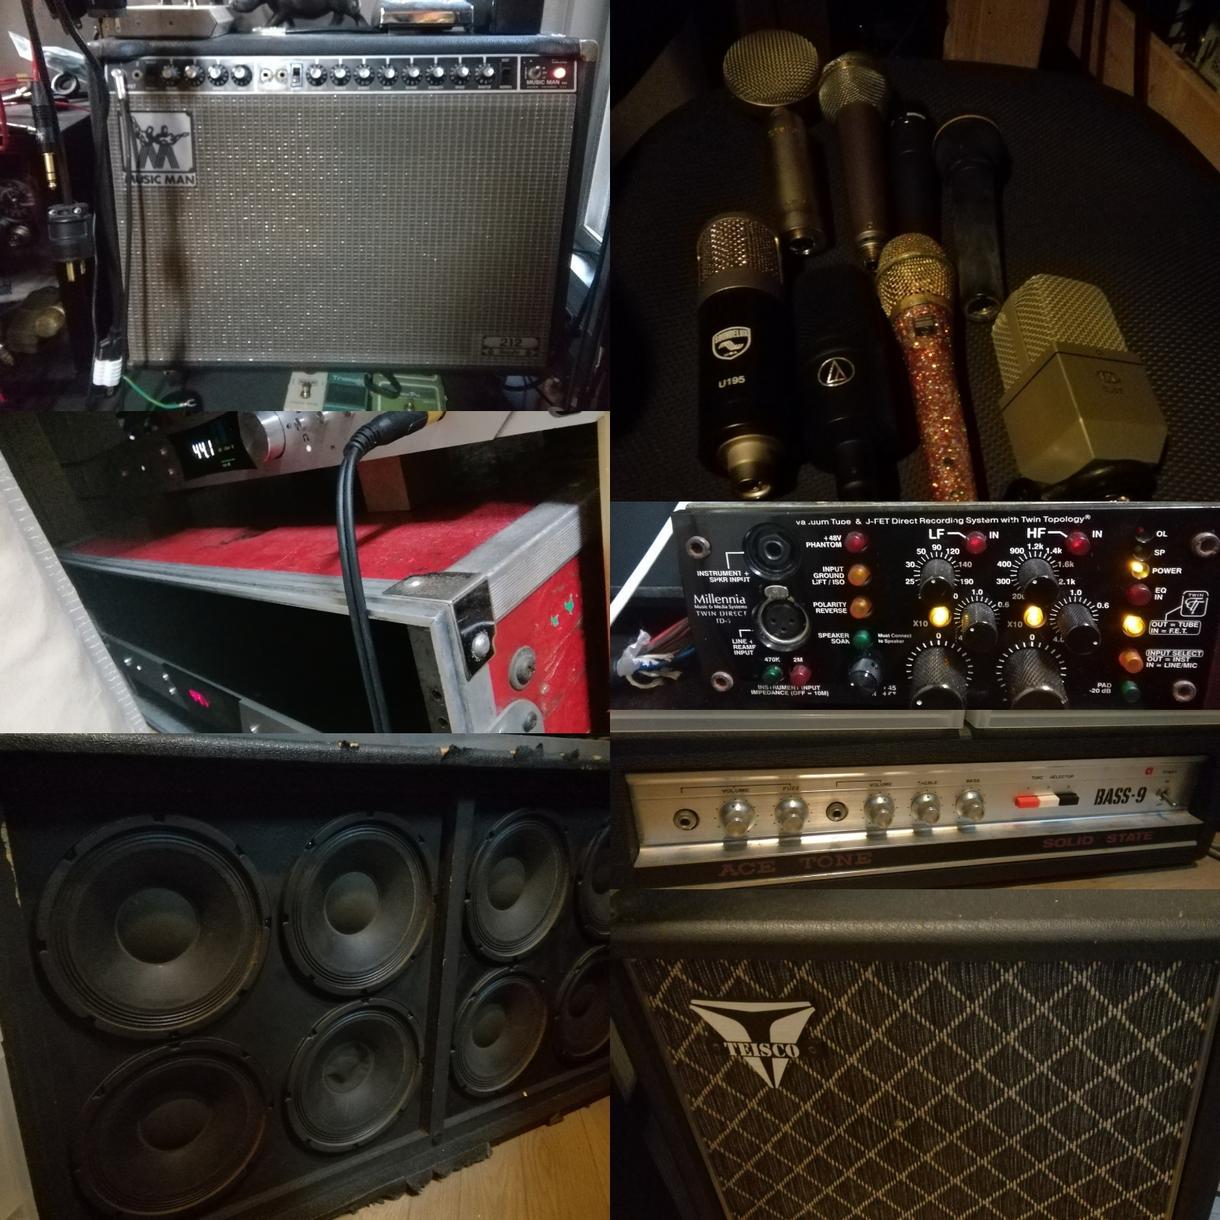 キャンペーン価格!ライン素材をリアンプします 自宅録音ライン録りのエレキギターやベースを最強にしませんか?